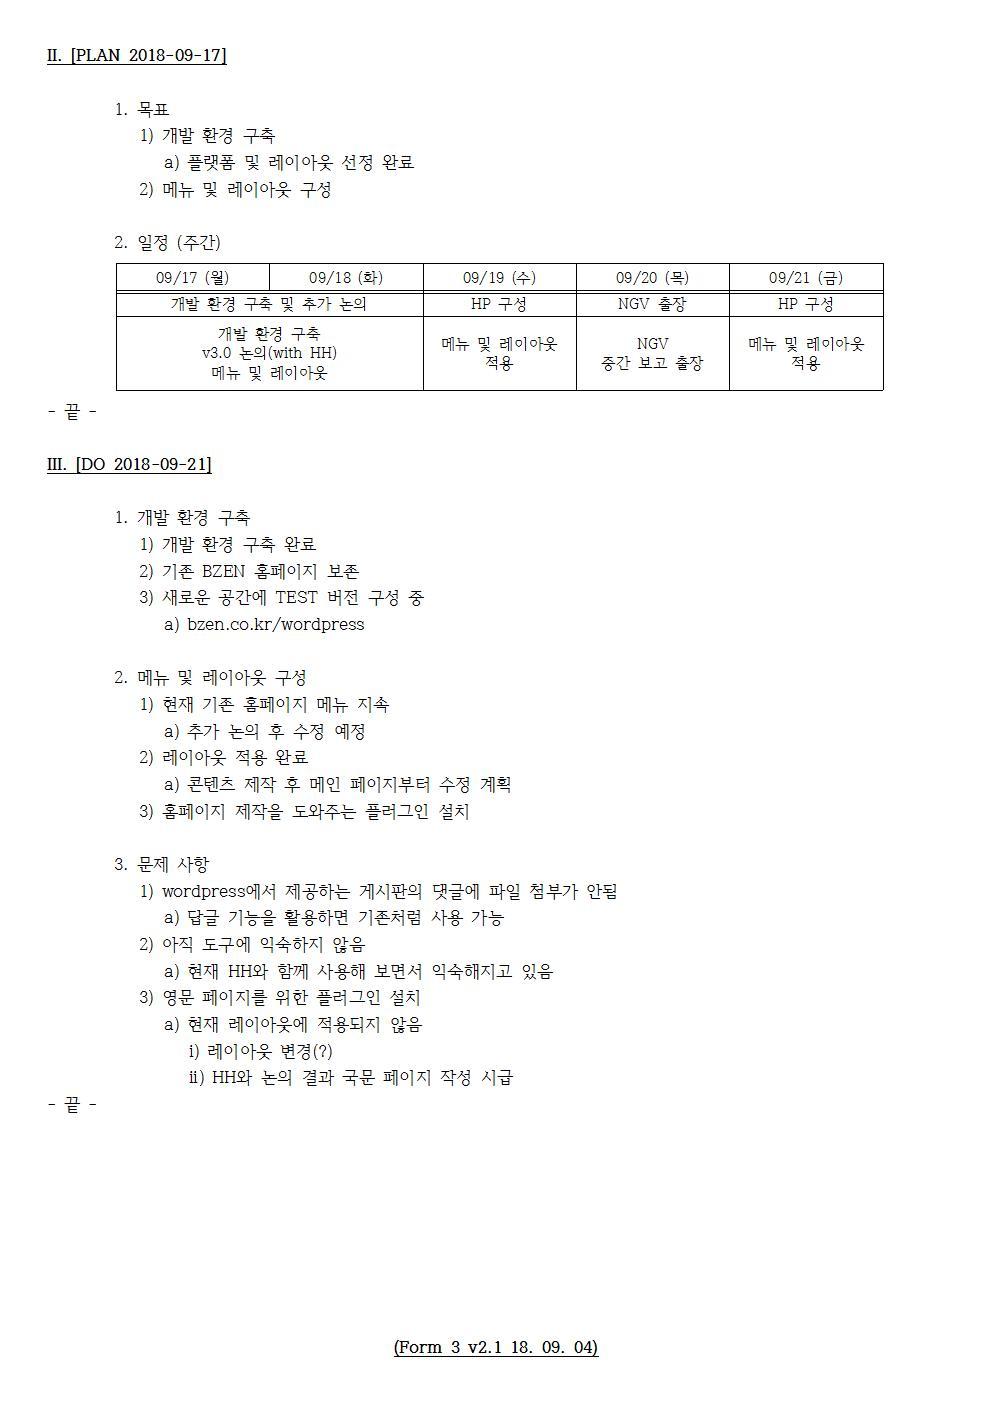 D-[18-047-BZ-07]-[BZEN HP v3.0]-[2018-09-21][JS]002.jpg